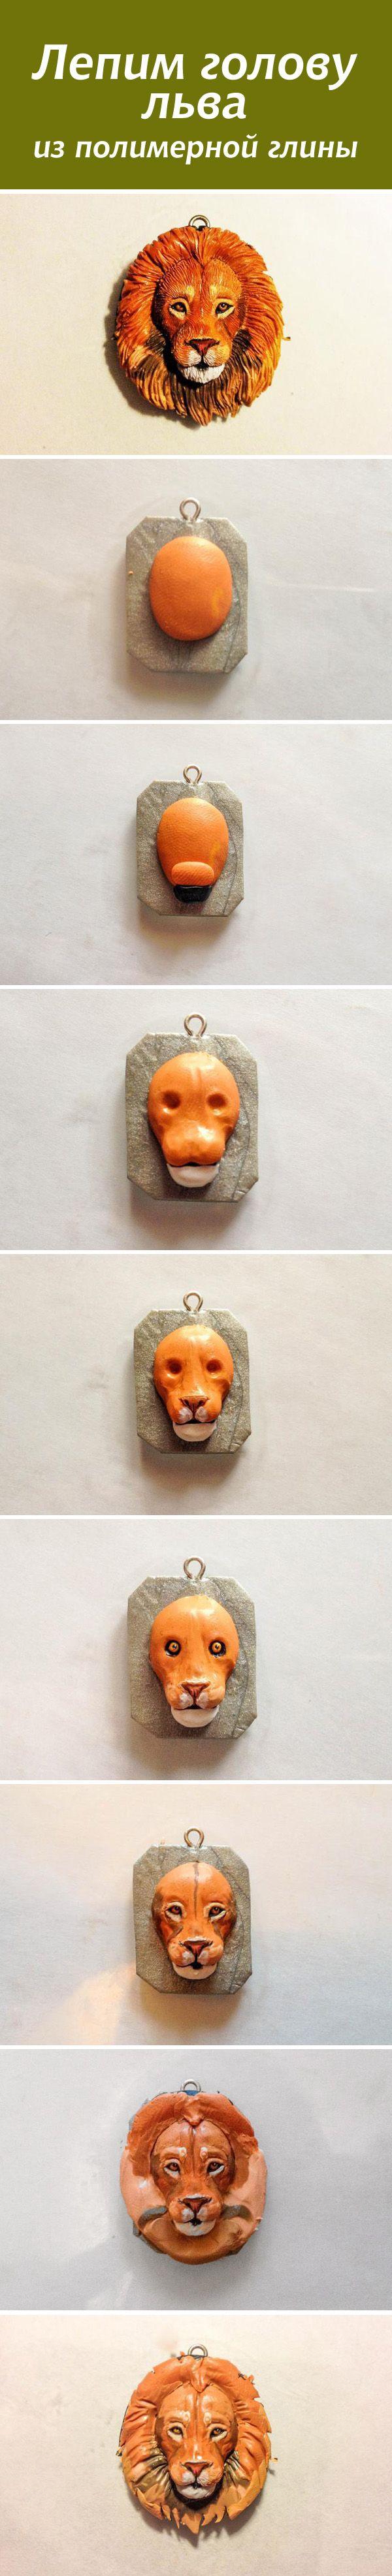 Лепим голову льва из полимерной глины  #diy #tutorial #polymerclay